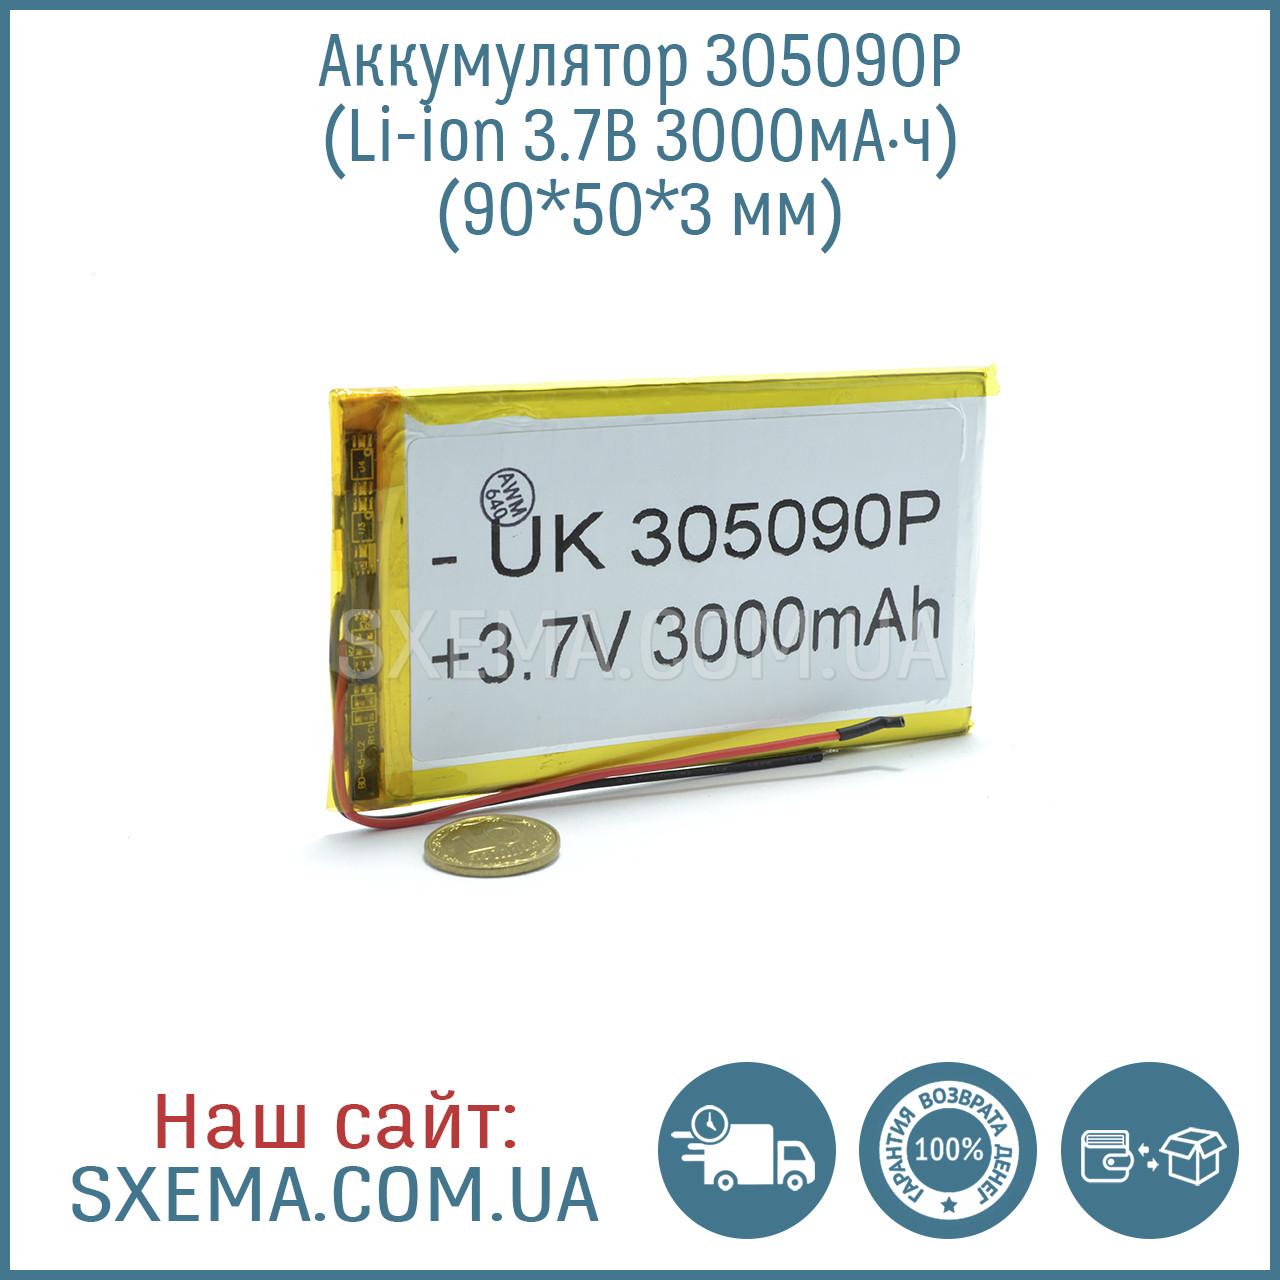 Акумулятор універсальний 305090 (Li-ion 3.7 В 3000мА·год), (90*50*3 мм)